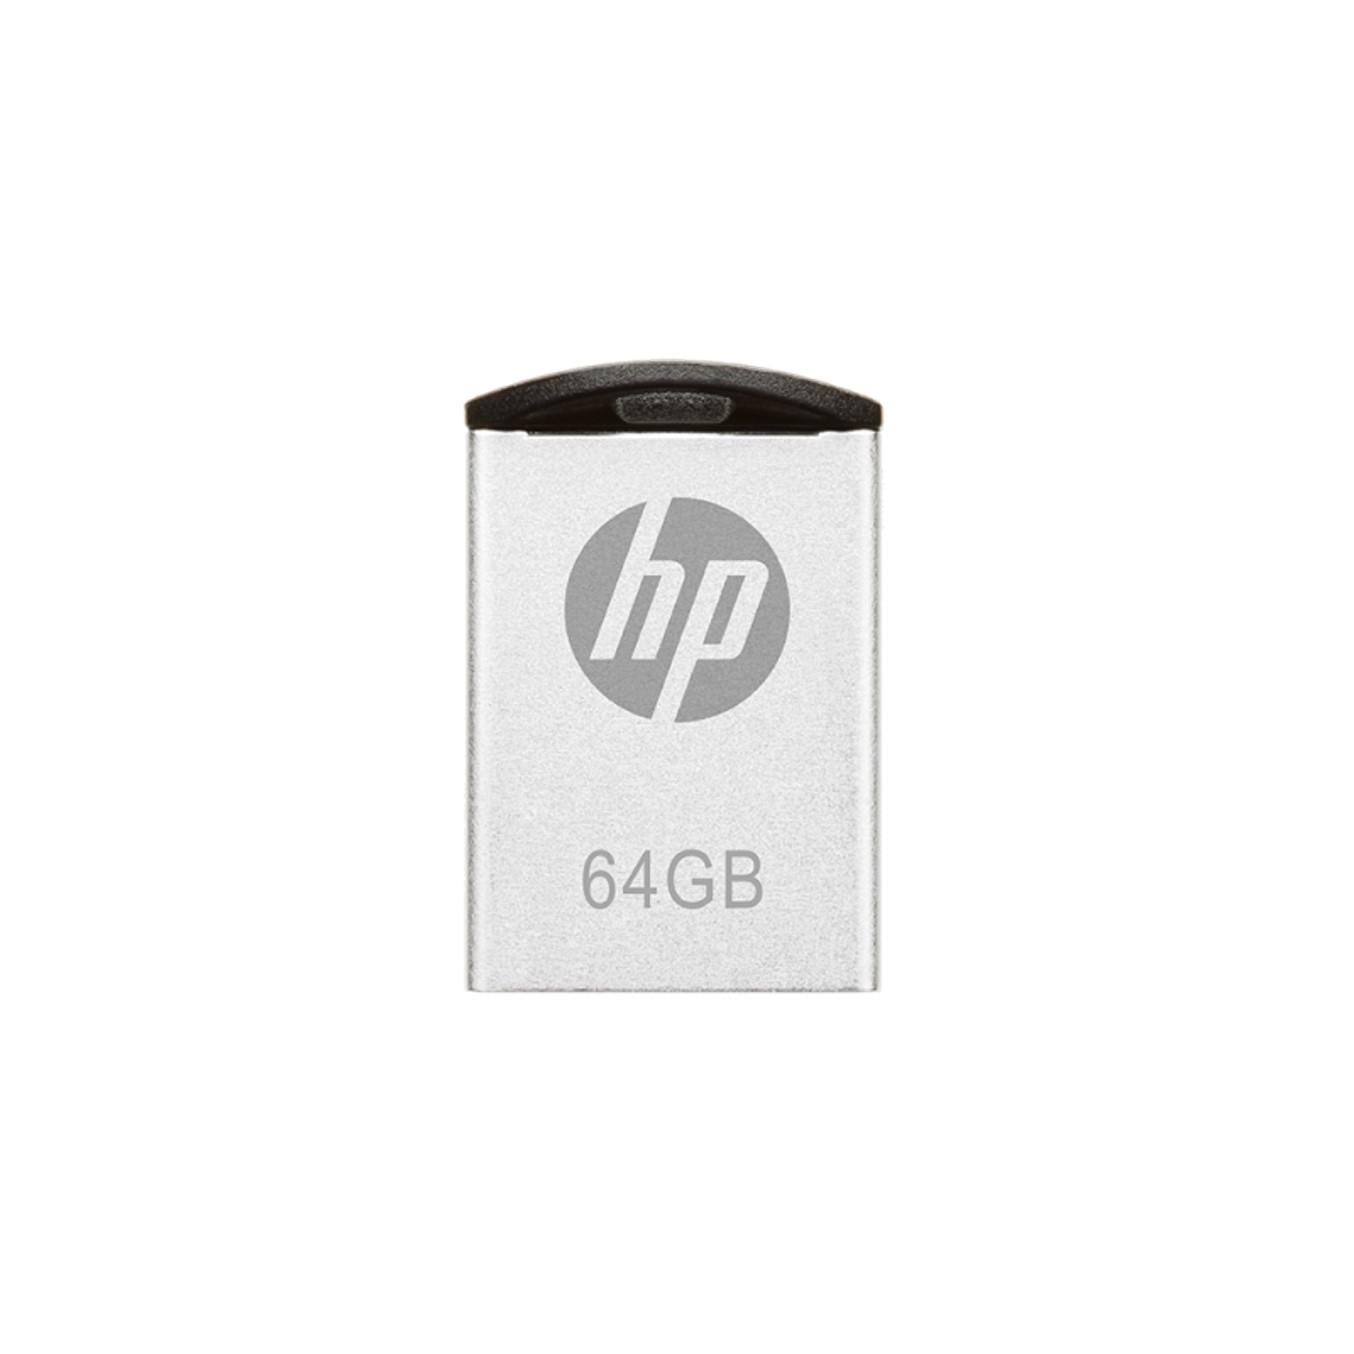 HPFD222W64-BX